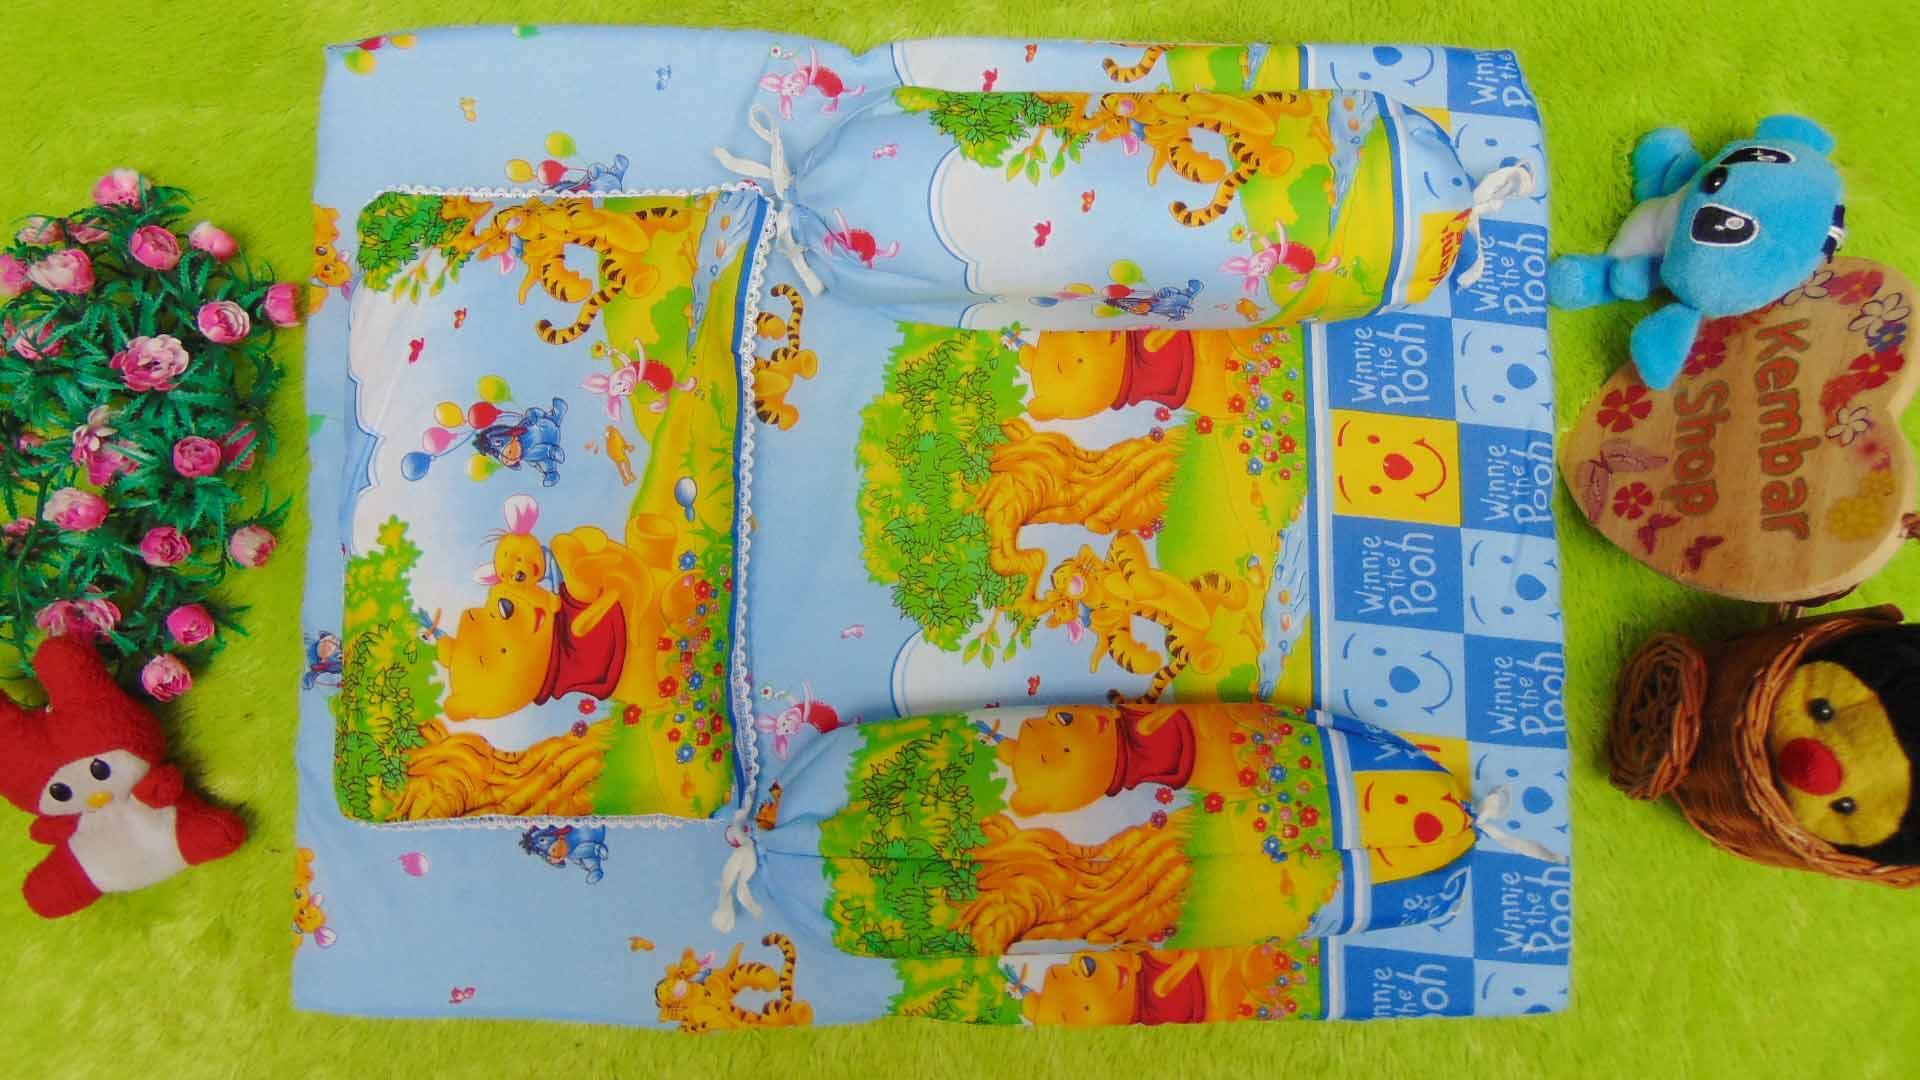 PALING MURAH kado bayi set kasur bayi karakter Winnie The Pooh plus bantal dan guling Biru